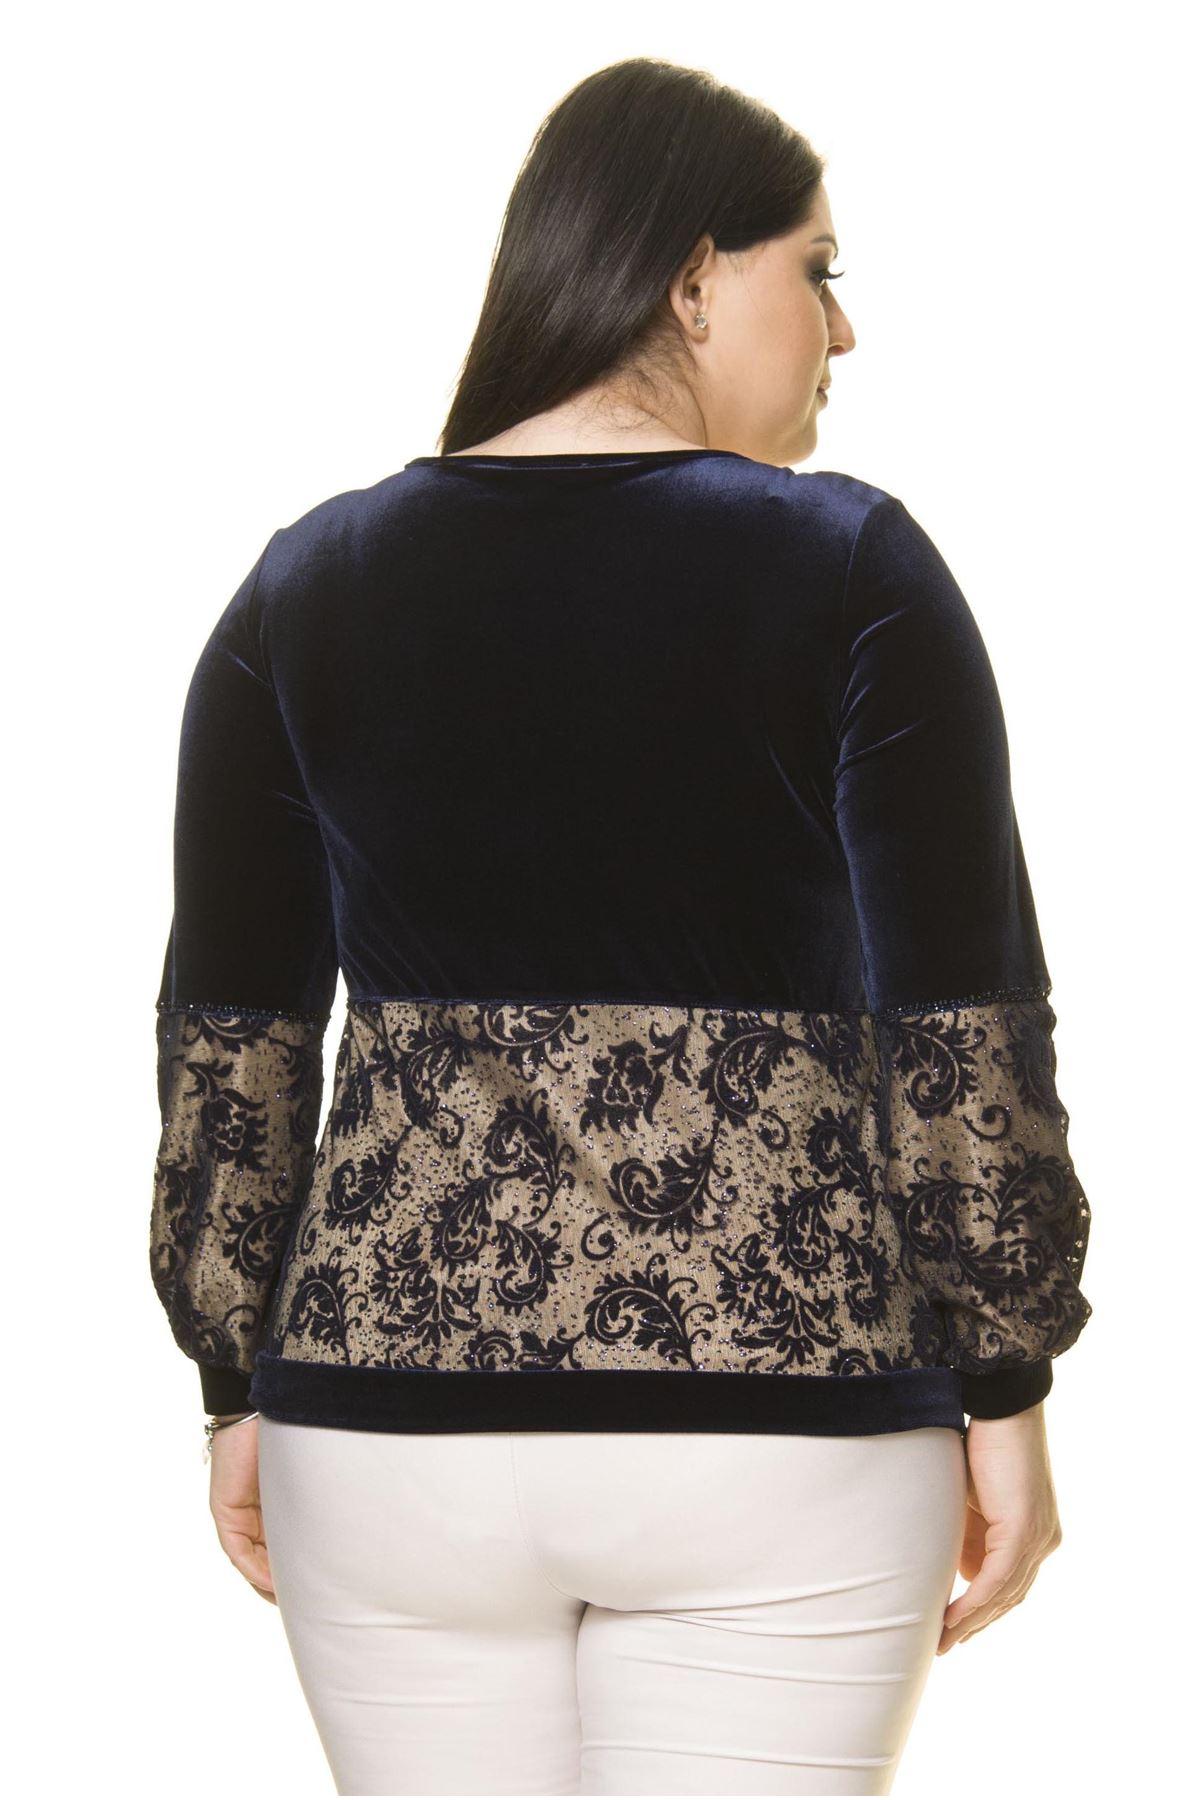 Kadın Büyük Beden Lacivert  İşlemeli Dantelli Kadife  Bluz A7-3021